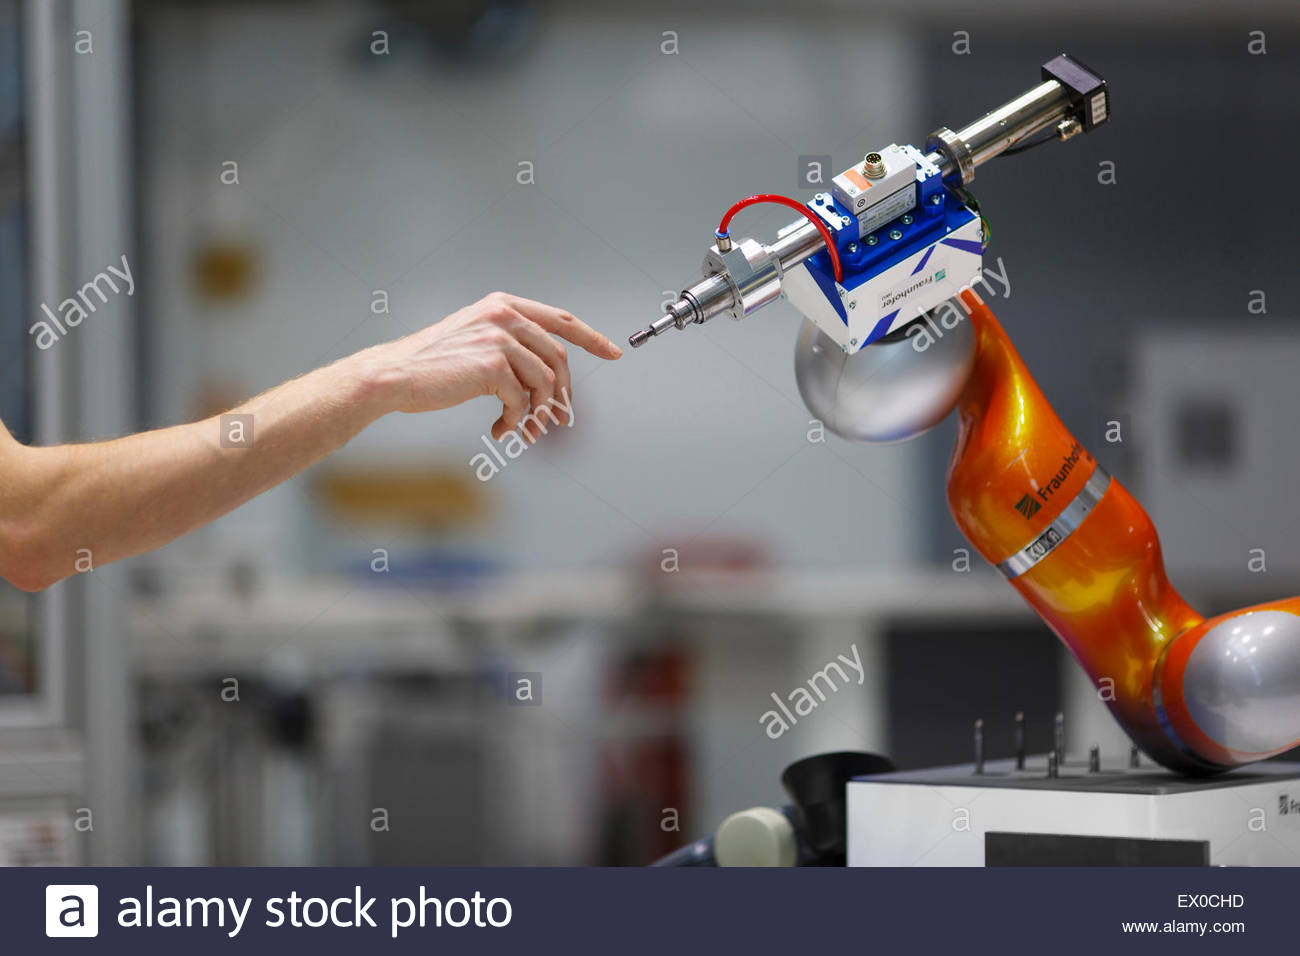 Symbolisches Bild für Mensch - Maschine - Kooperation Stockbild